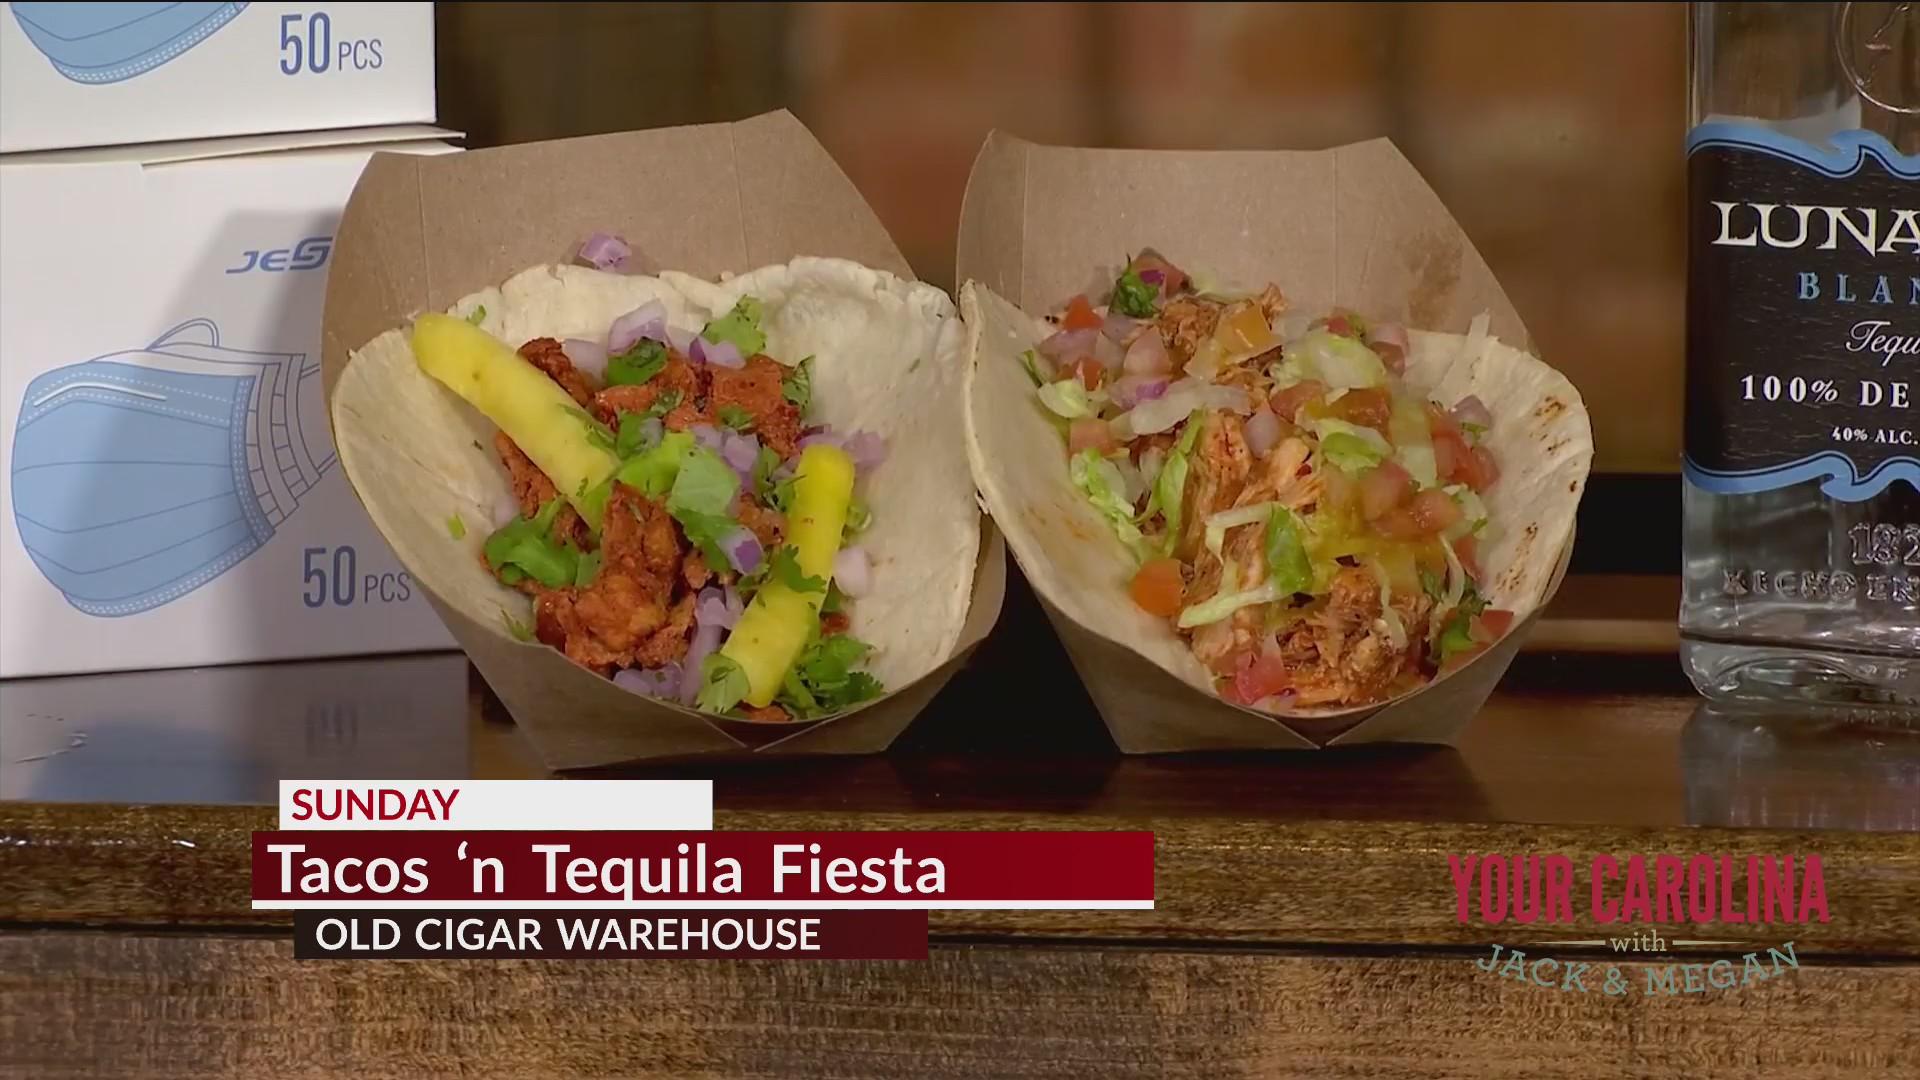 Tacos 'n Tequila Fiesta